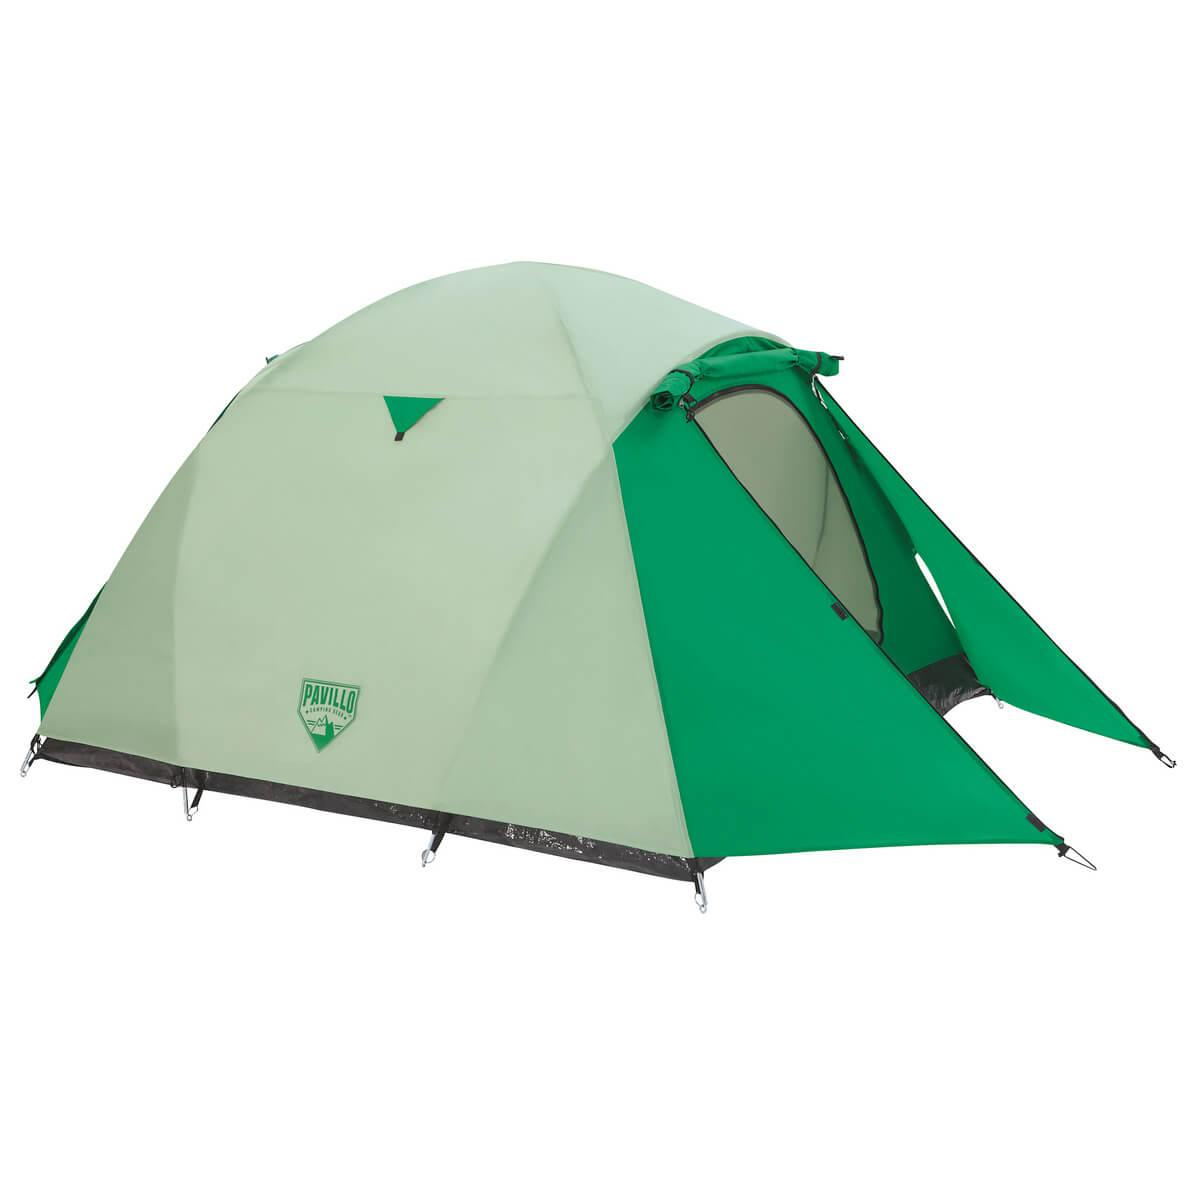 Палатка Cultiva Bestway 3-местная